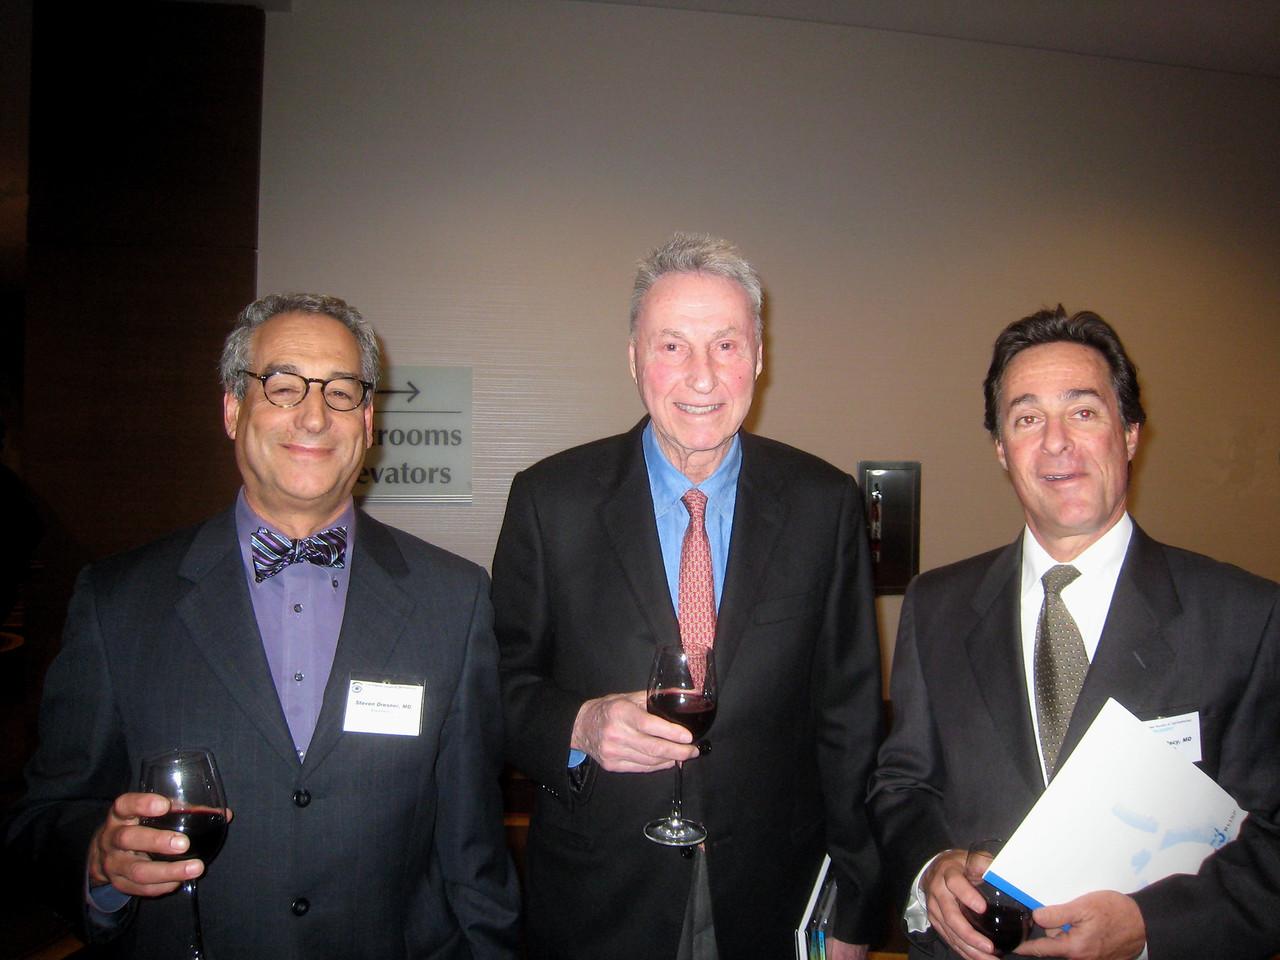 1602 Steve Dresner, Bob Sinskey, Pres Jonathan Macy